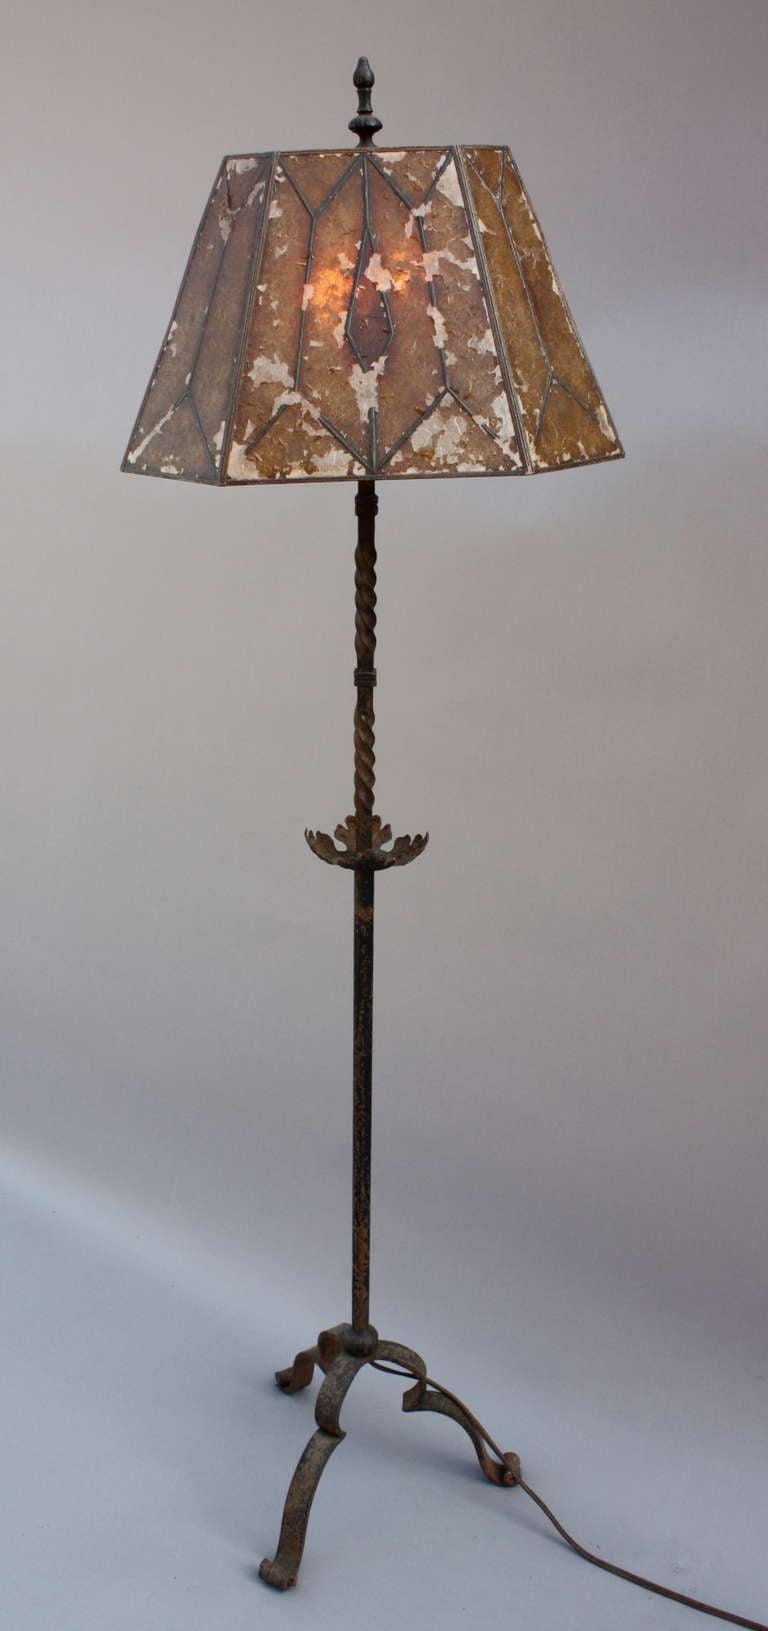 Wrought Iron Wall Lamp Shades : Wrought Iron Floor Lamp w/ Original Shade at 1stdibs